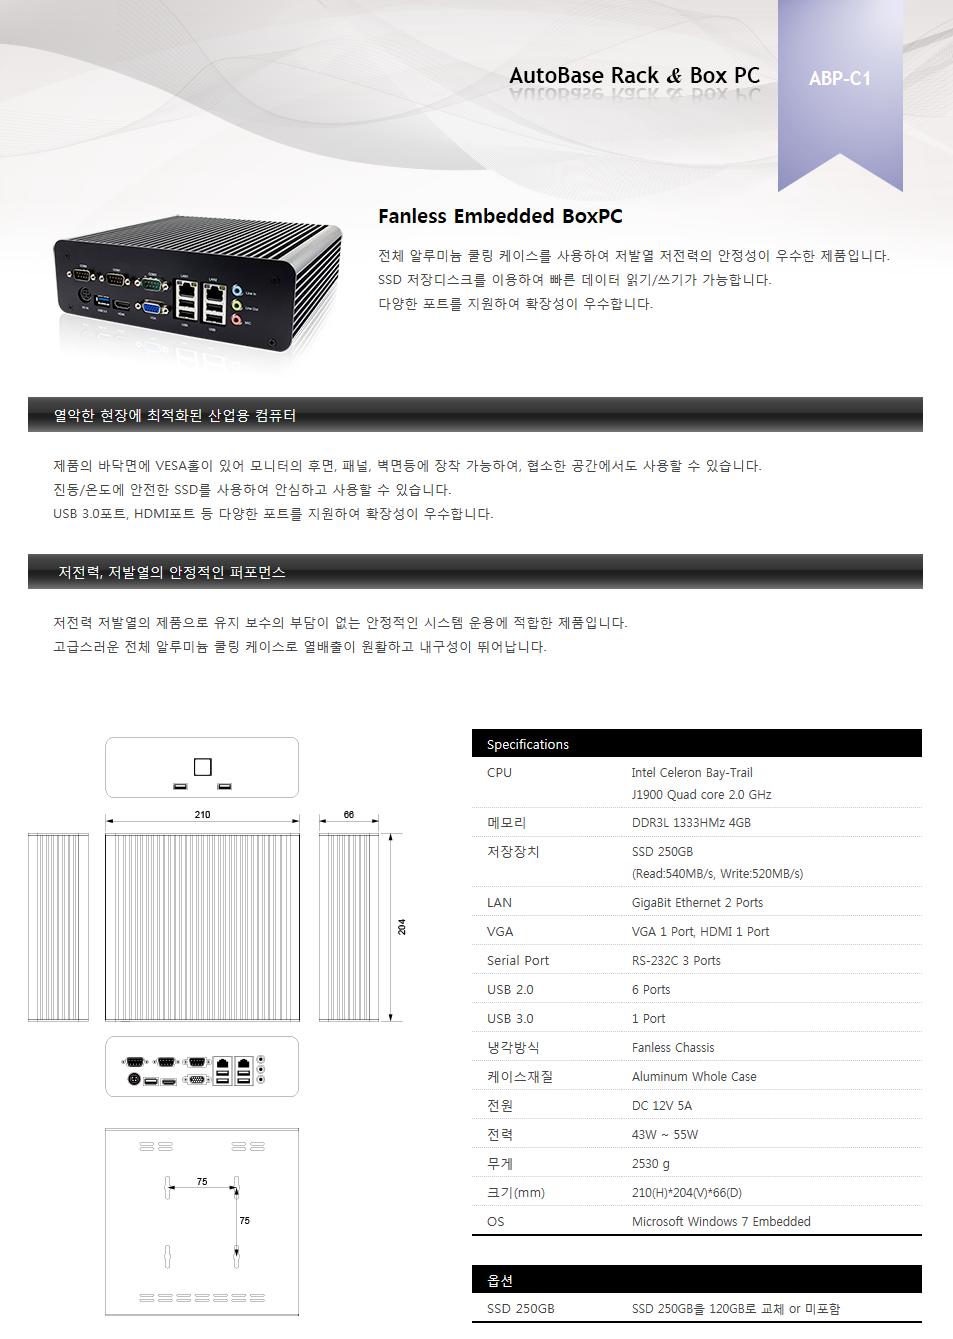 (주)오토베이스 Fanless Embedded BoxPC ABP-C1